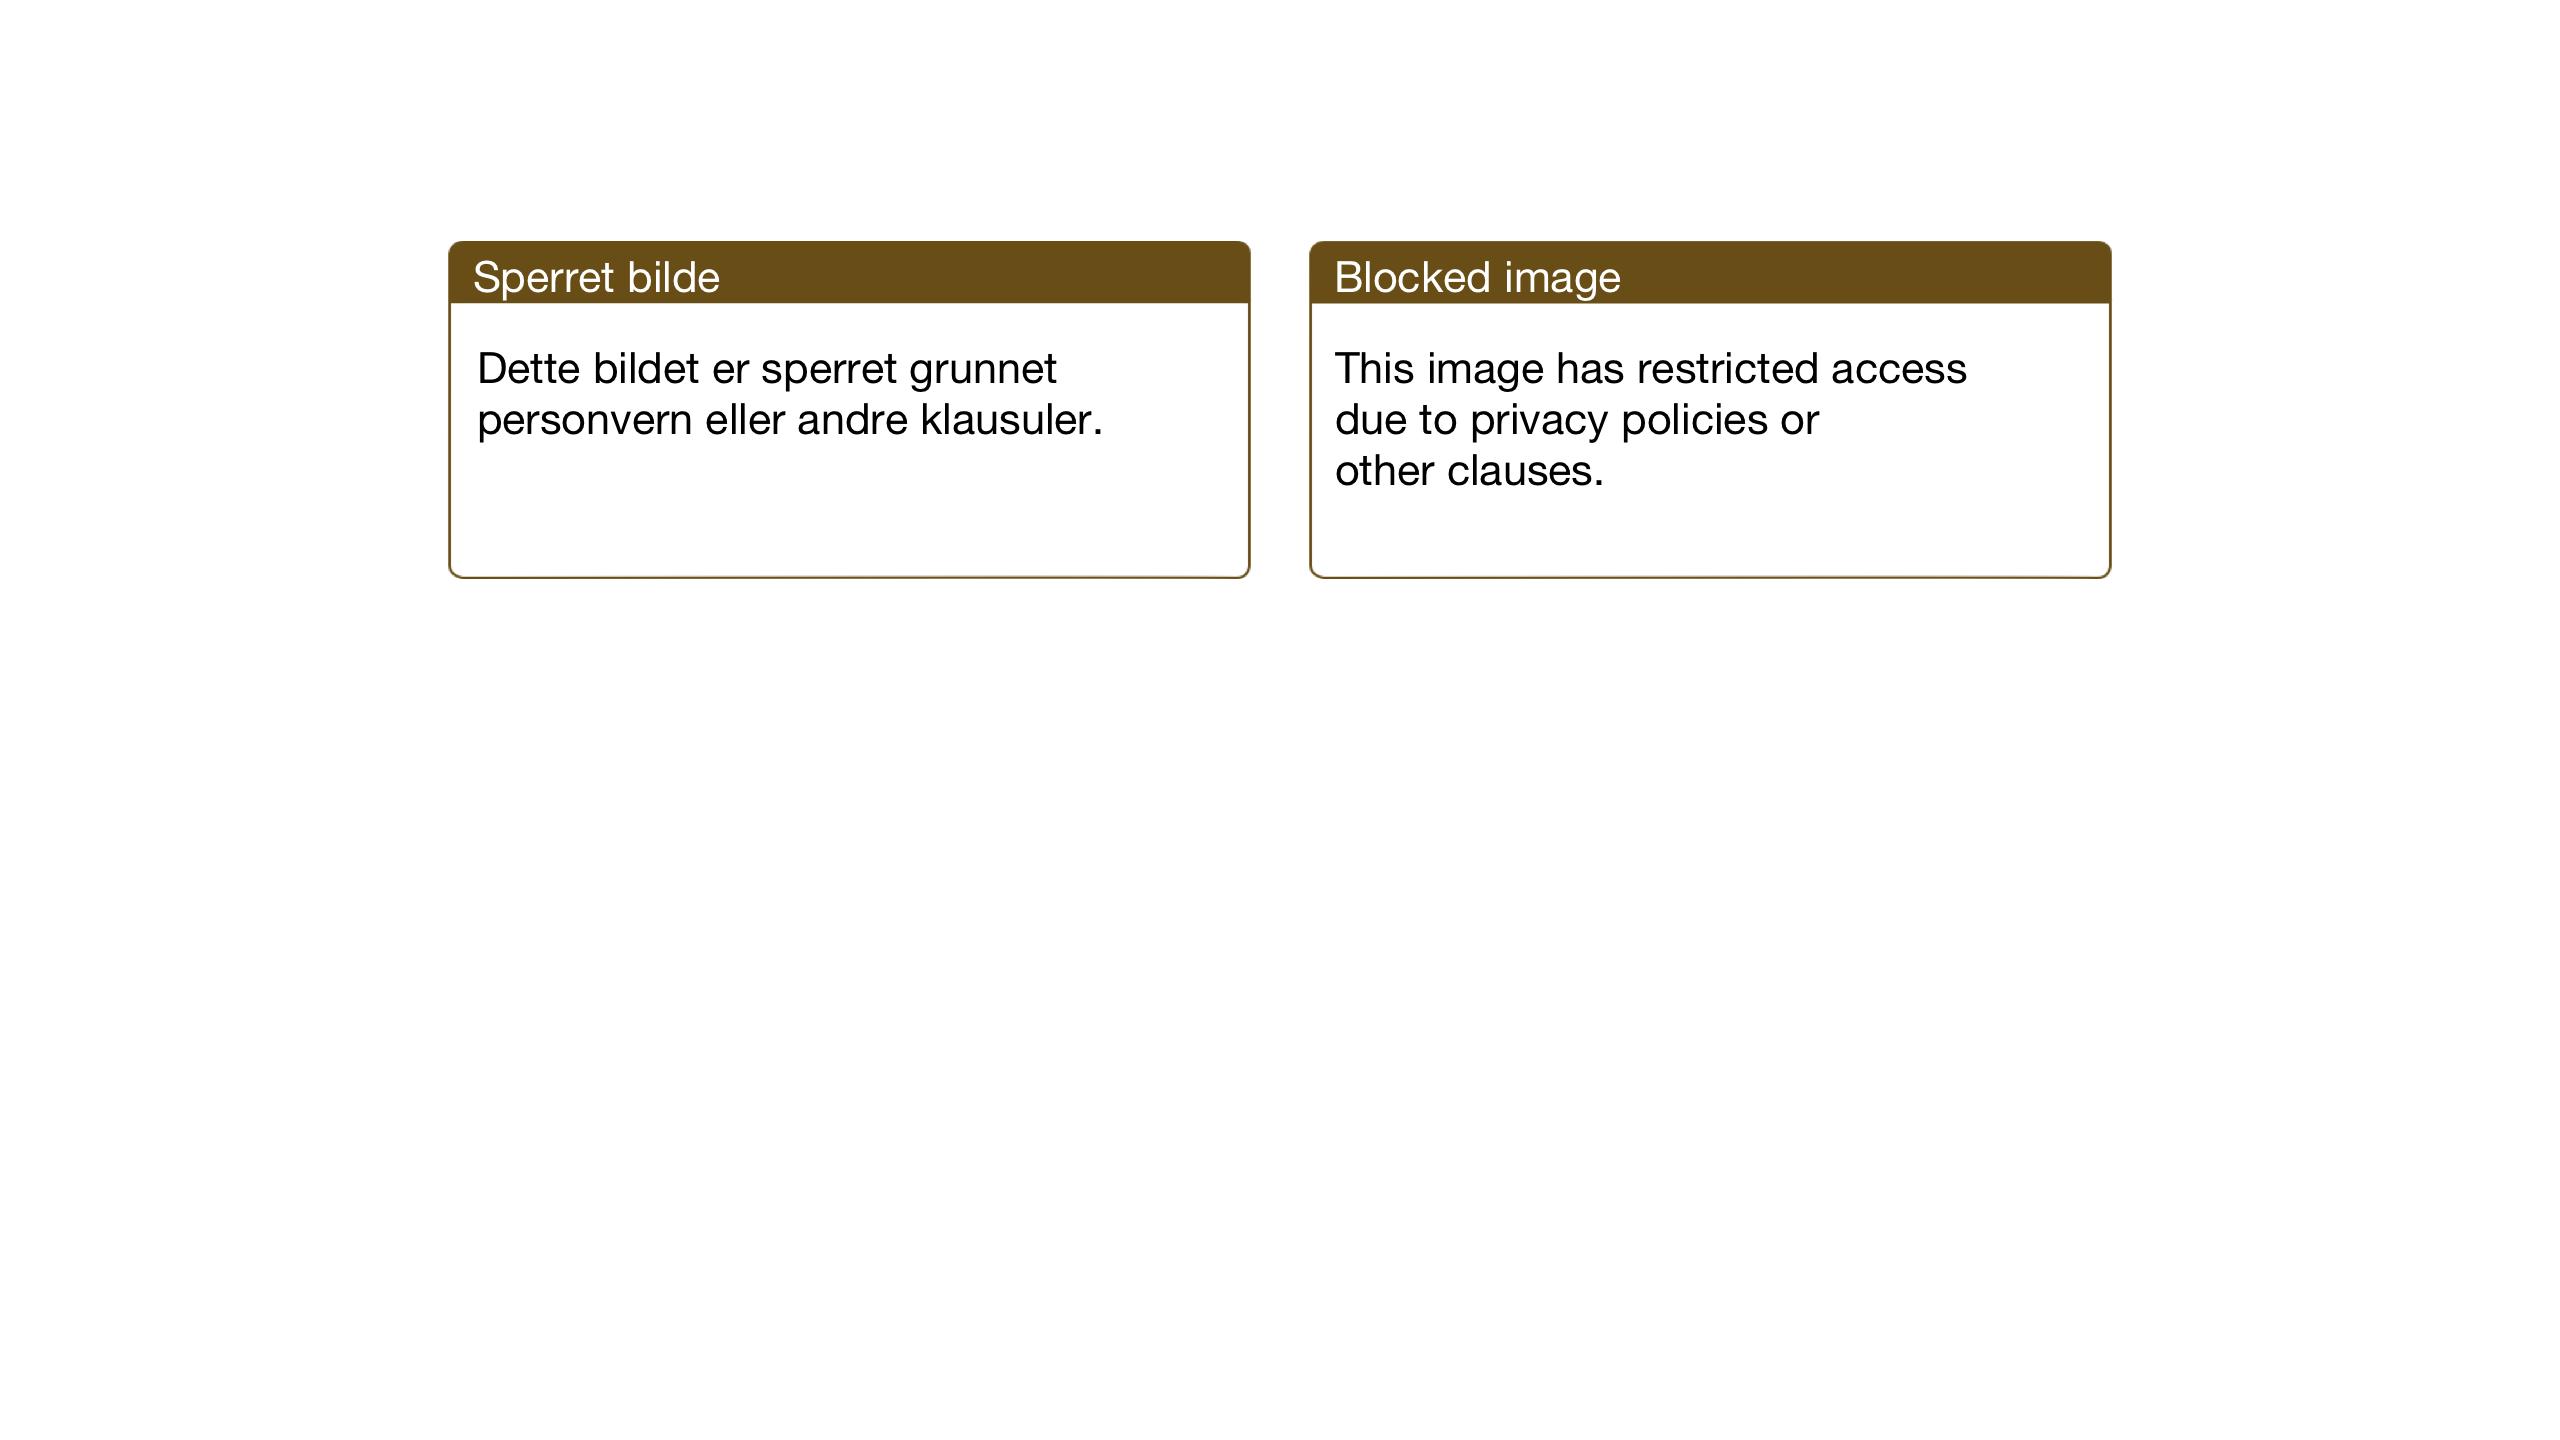 SAT, Ministerialprotokoller, klokkerbøker og fødselsregistre - Nord-Trøndelag, 768/L0583: Klokkerbok nr. 768C01, 1928-1953, s. 25